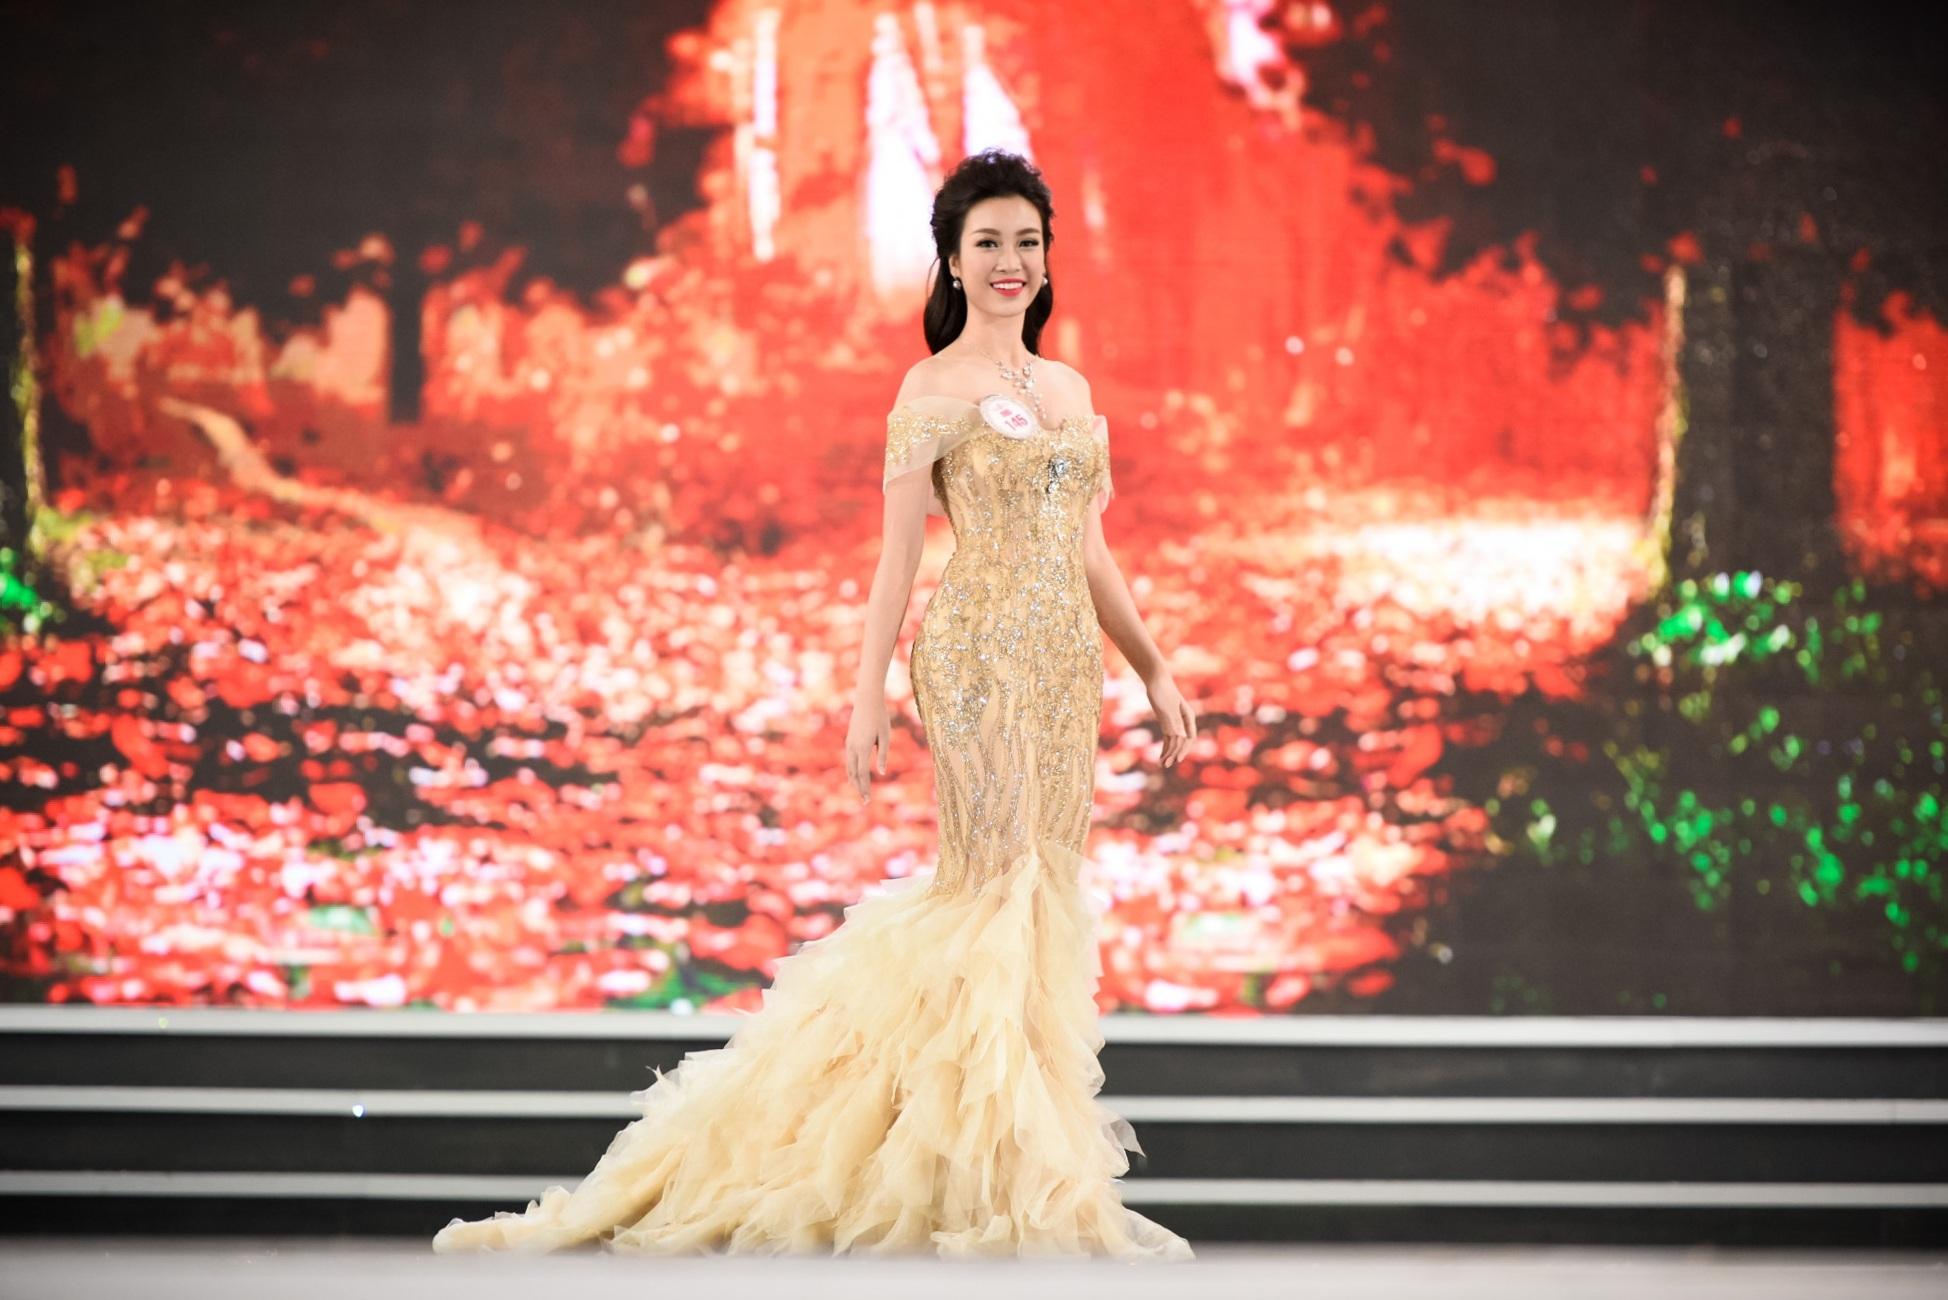 Đỗ Mỹ Linh ở phần thi trang phục dạ hội trong đêm Chung kết tối qua.